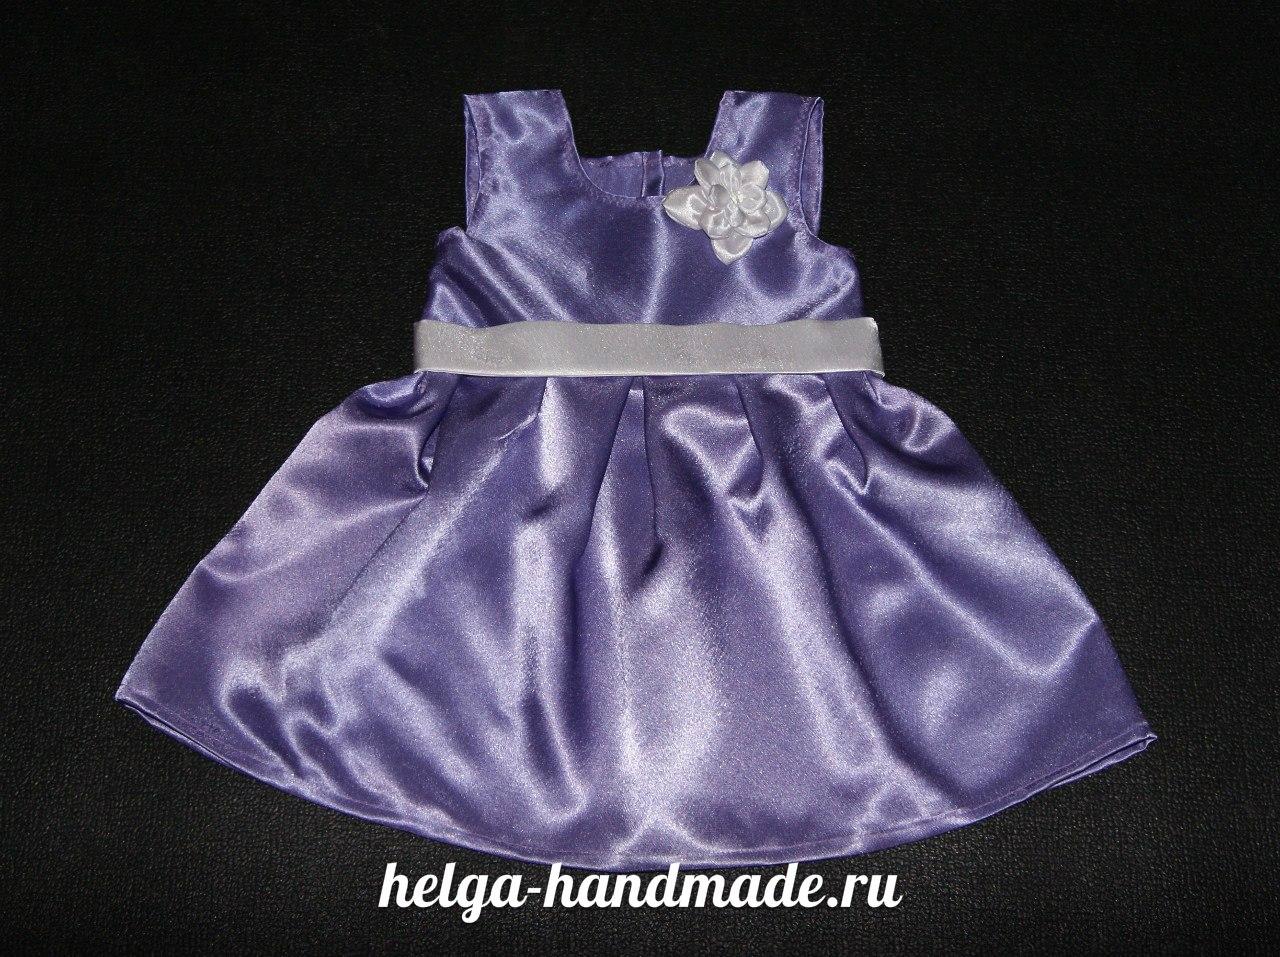 Сшить платья для девочек своими руками фото